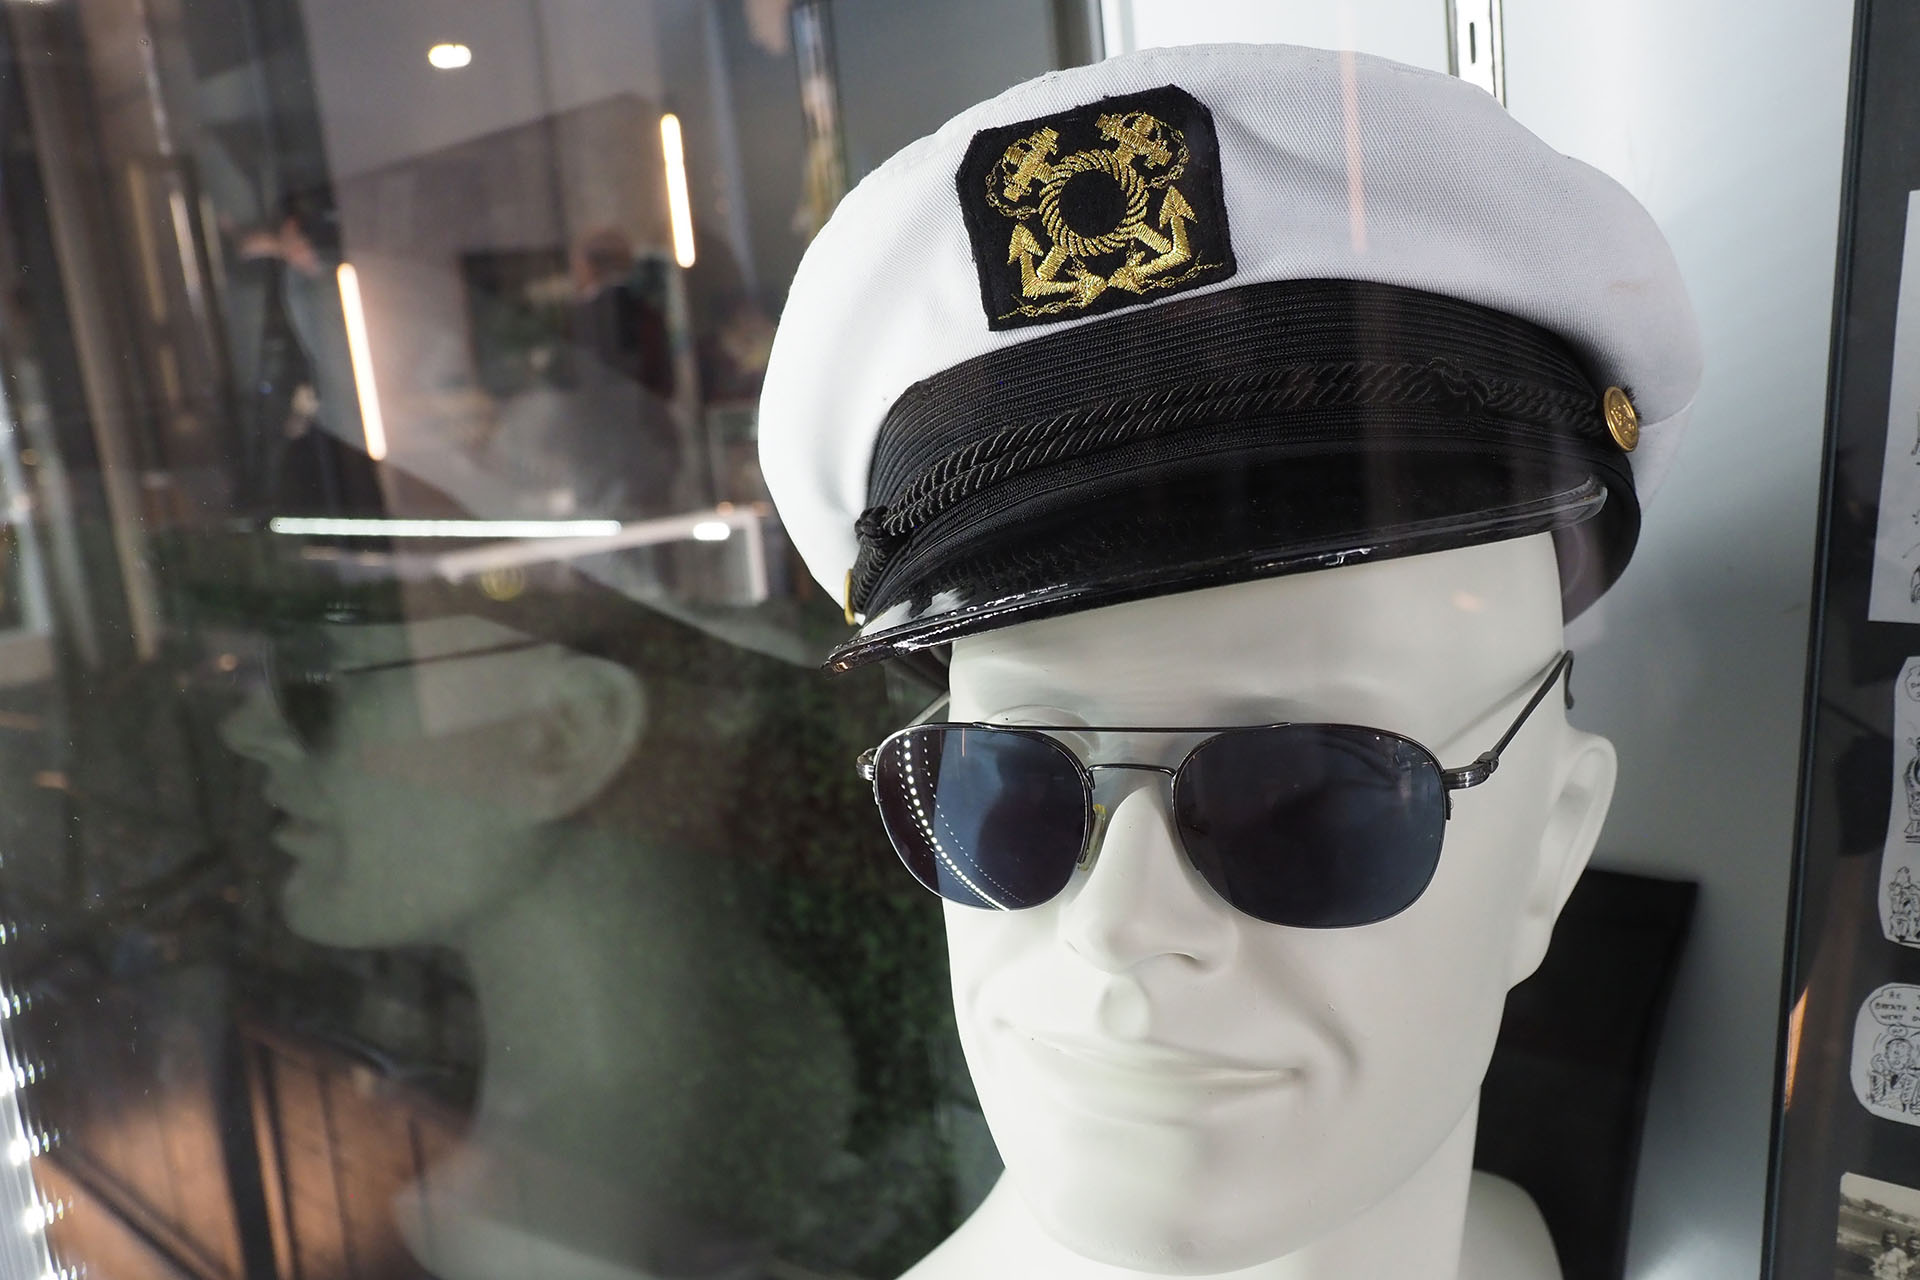 Su famoso gorro de capitán y sus gafas Gucci